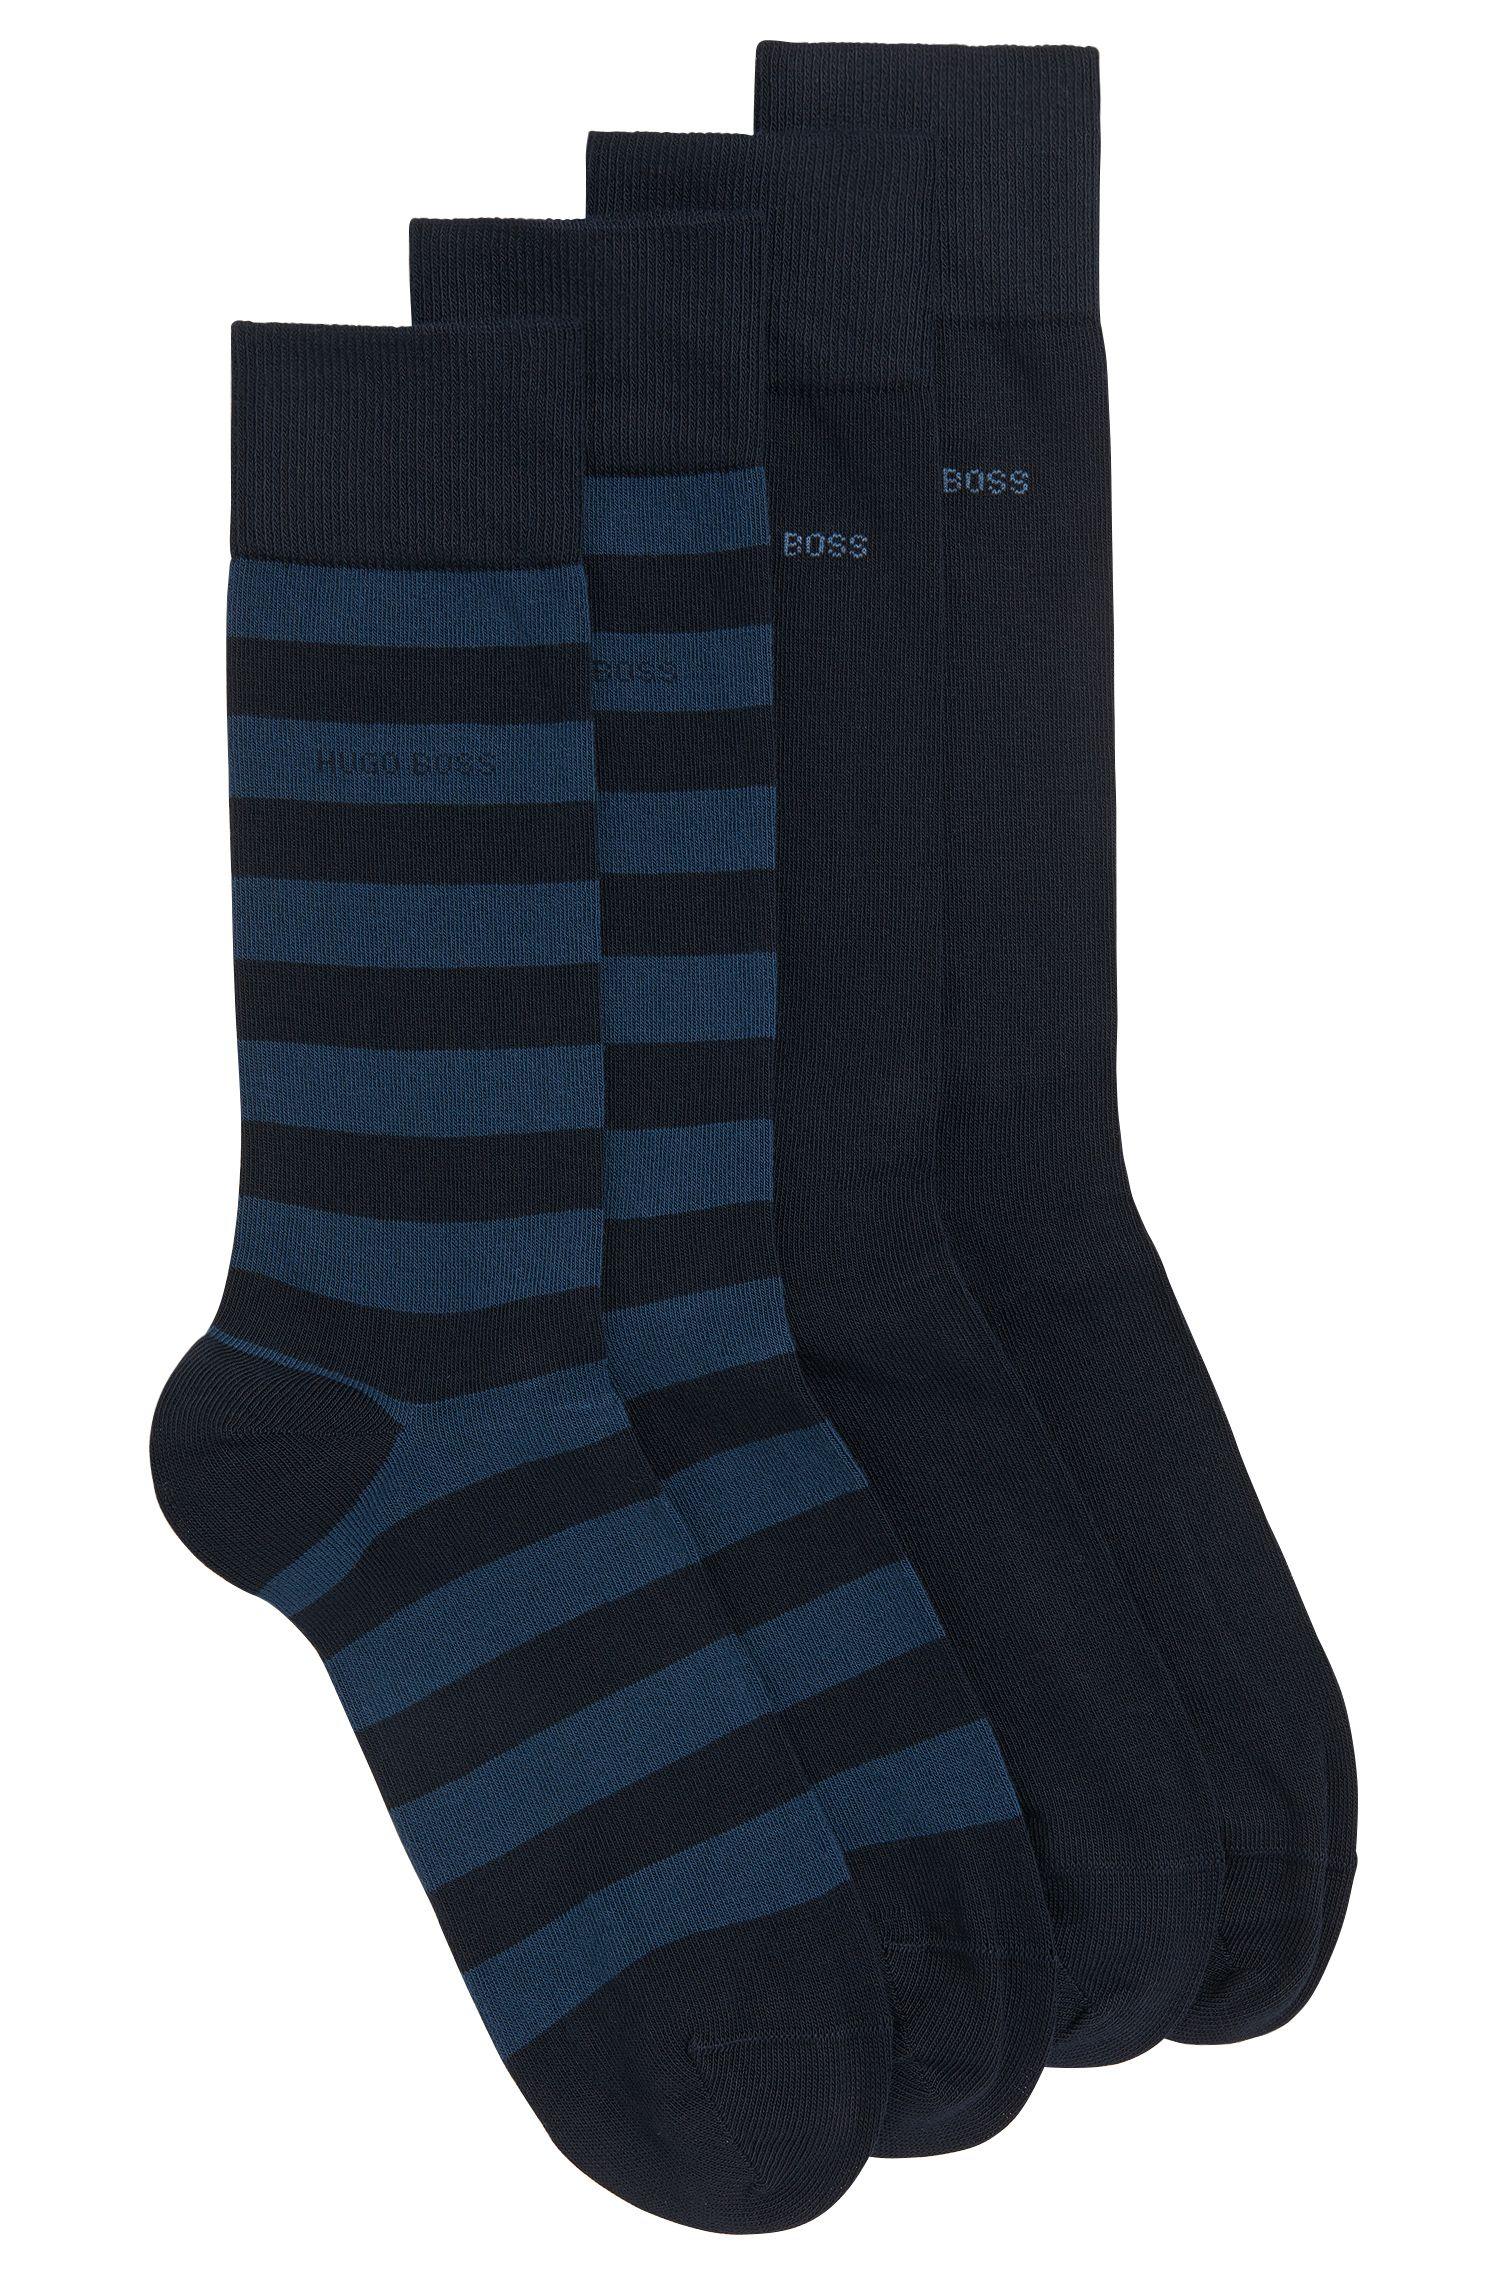 Socken aus elastischem Baumwoll-Mix im Zweier-Pack , Dunkelblau